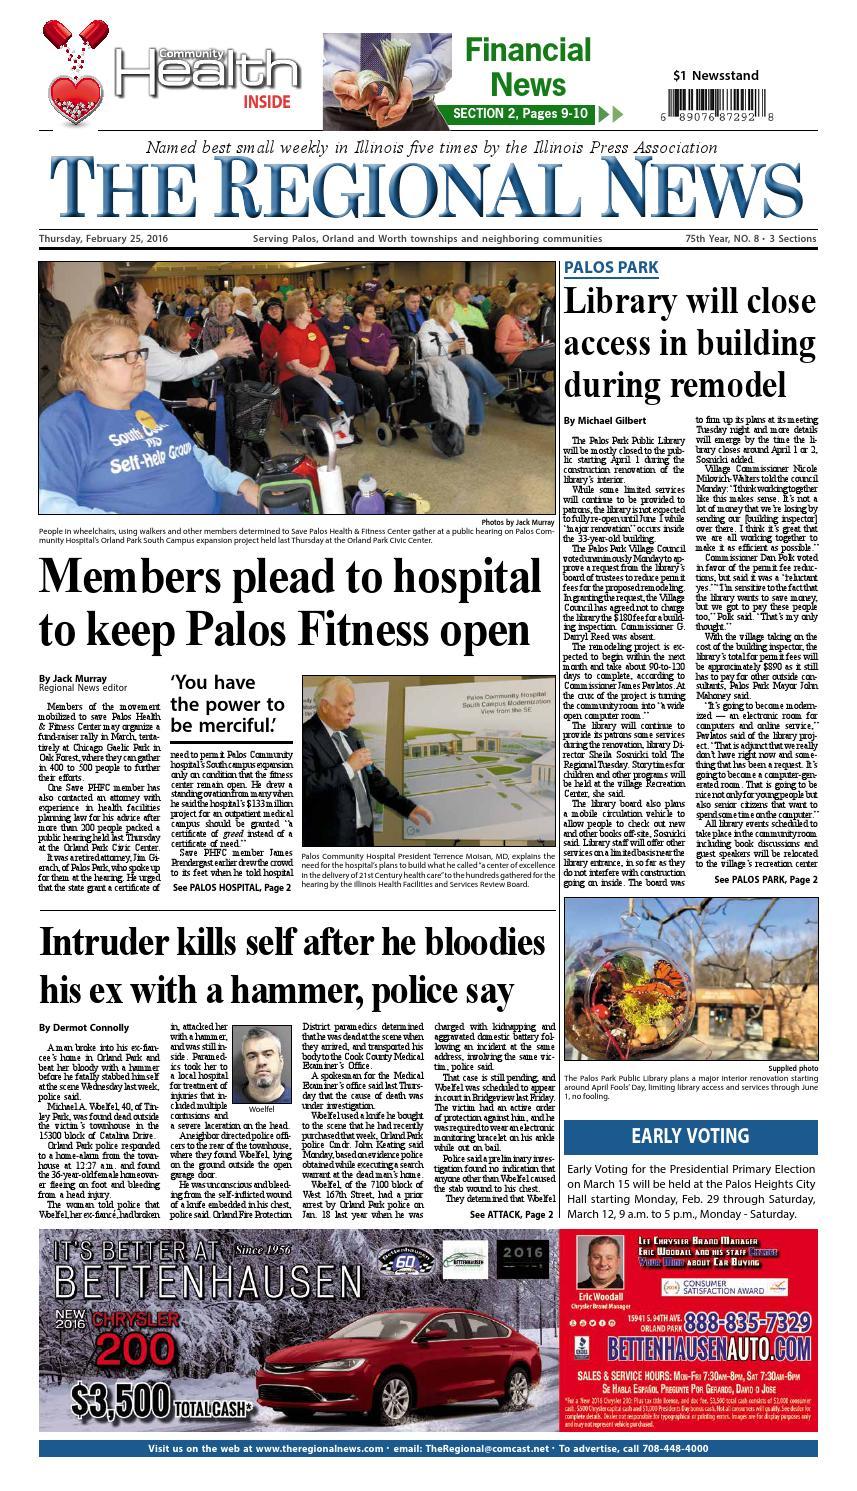 regional news 2 25 16 by southwest regional publishing issuu